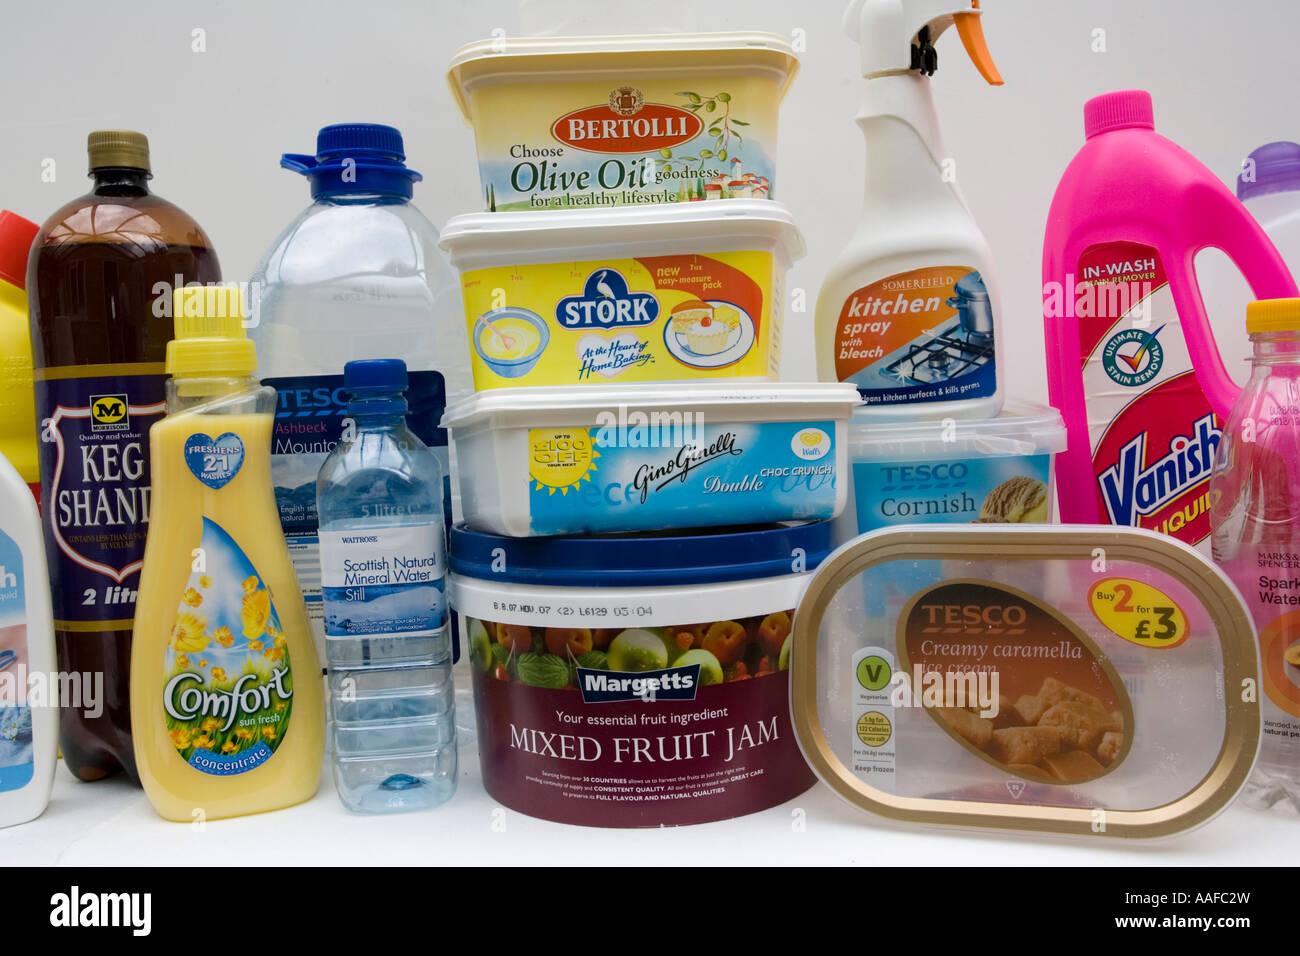 Articoli Plastica Per La Casa.Varieta Di Articoli Per La Casa E Prodotti Alimentari In